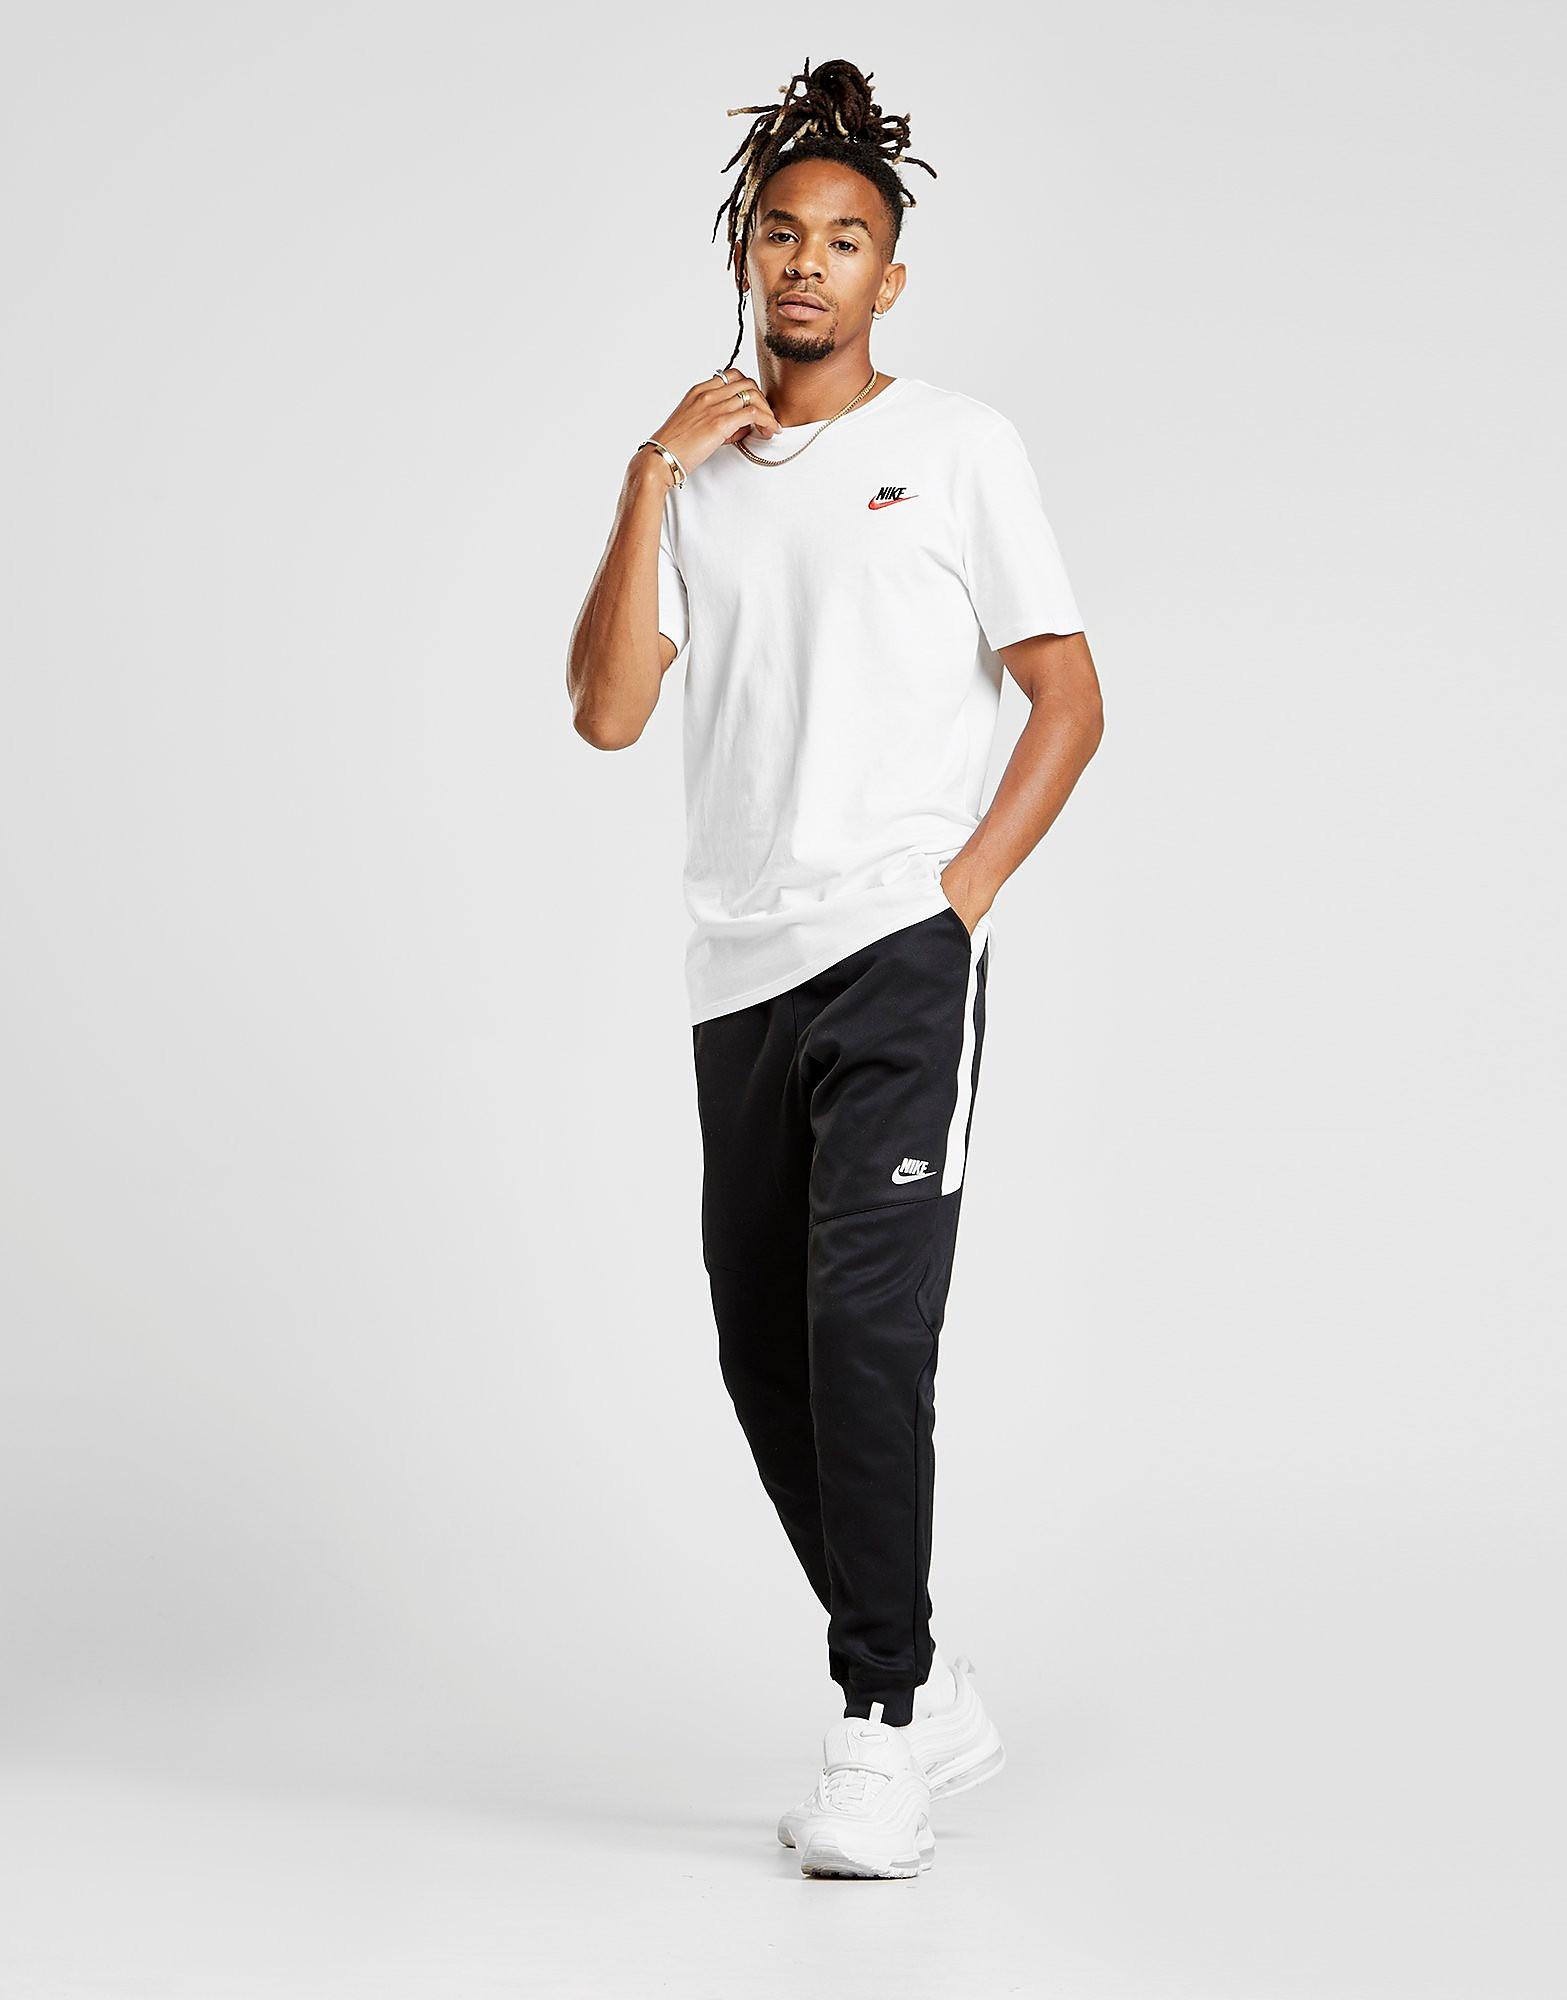 Nike Tribute DC-joggingbroek